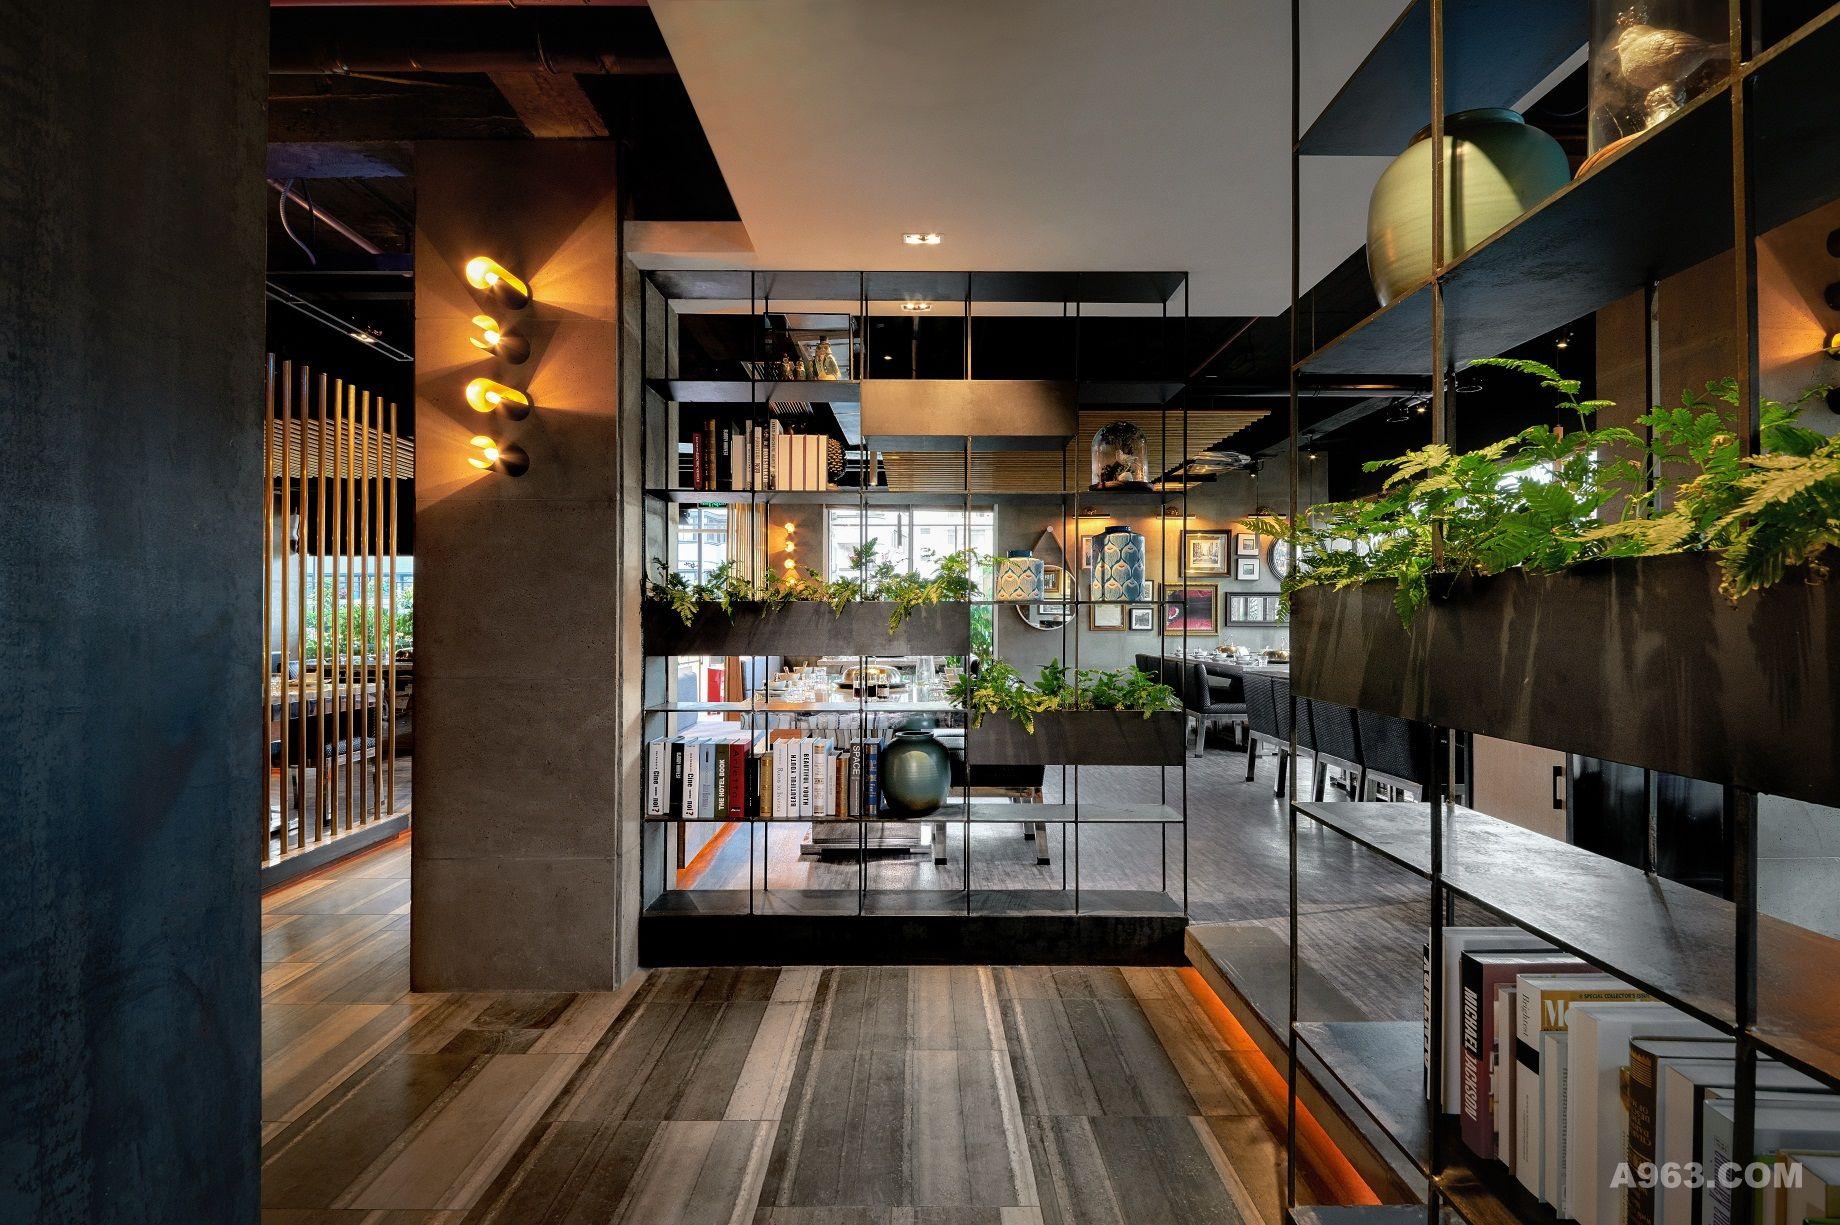 爱丽丝花园·蒸先生火锅餐厅以花园体验式设计,增加用餐环境的